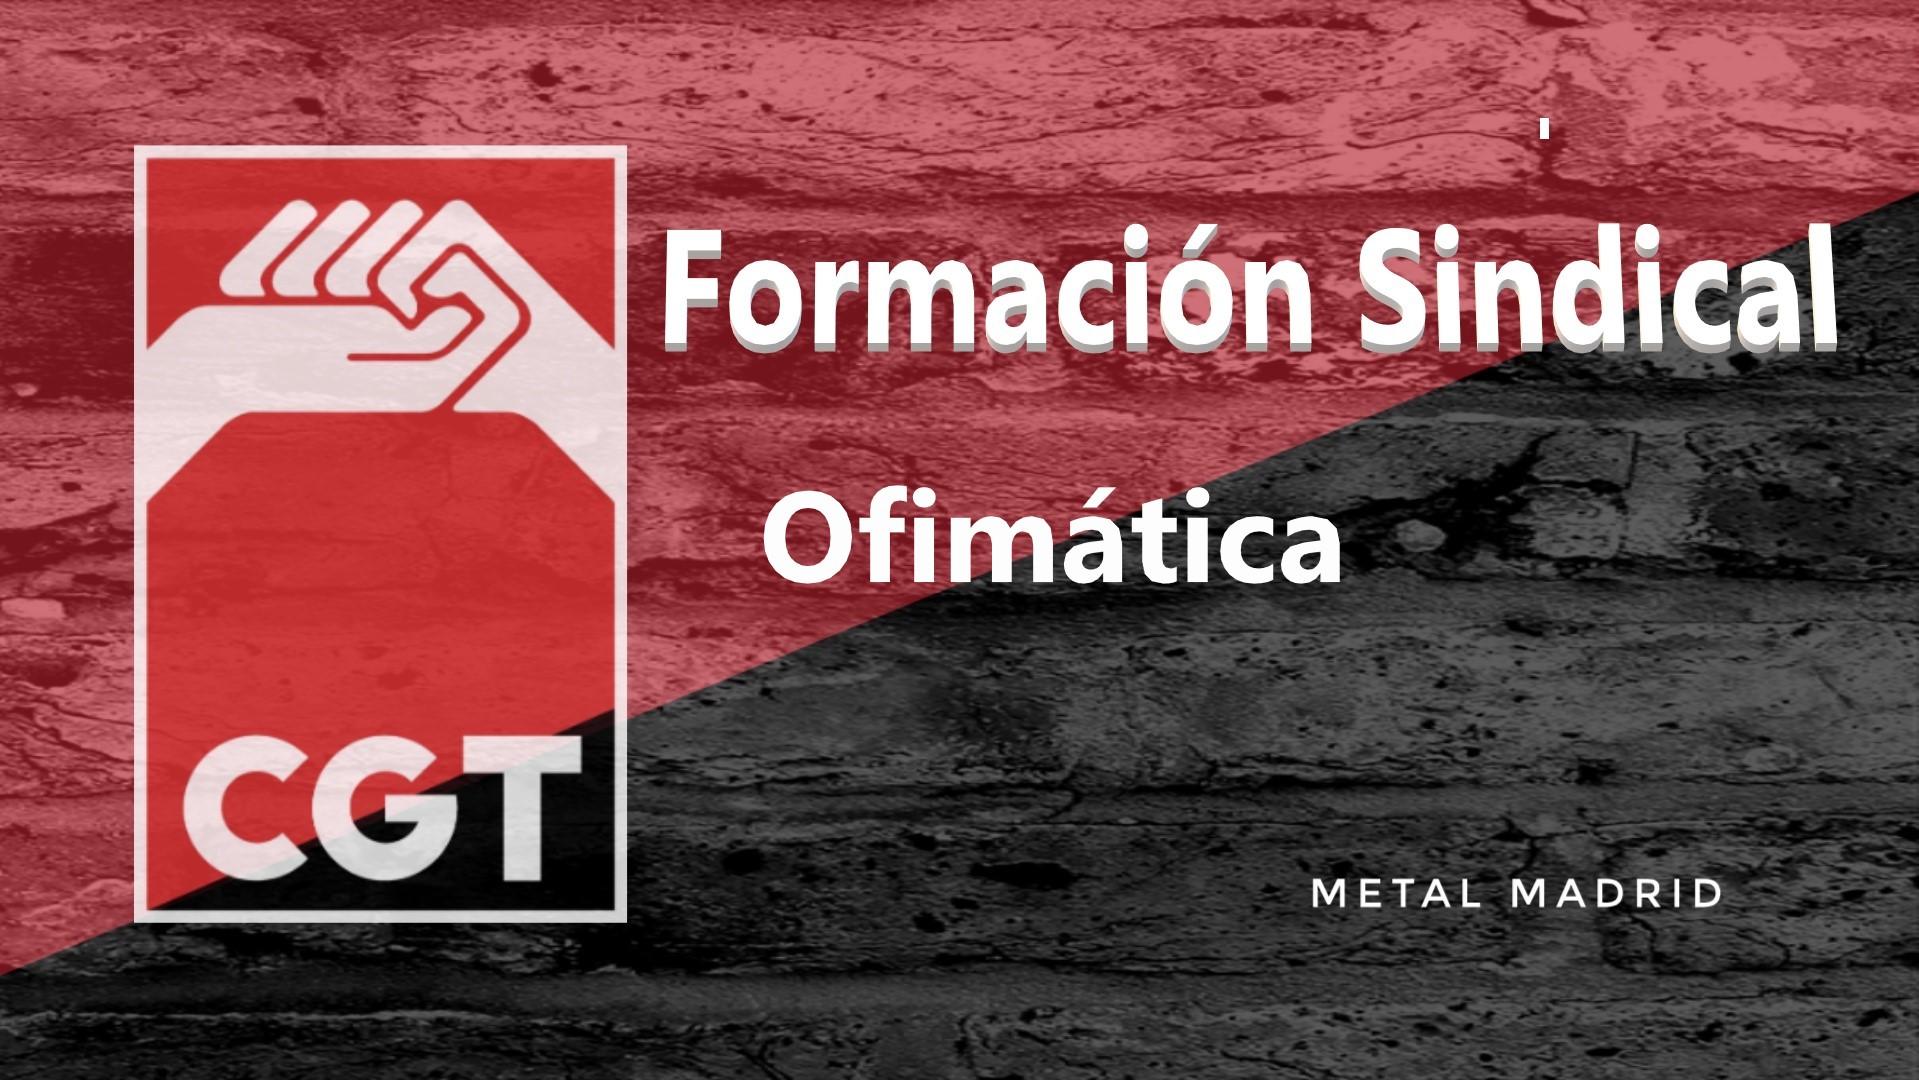 Formación: Ofimática